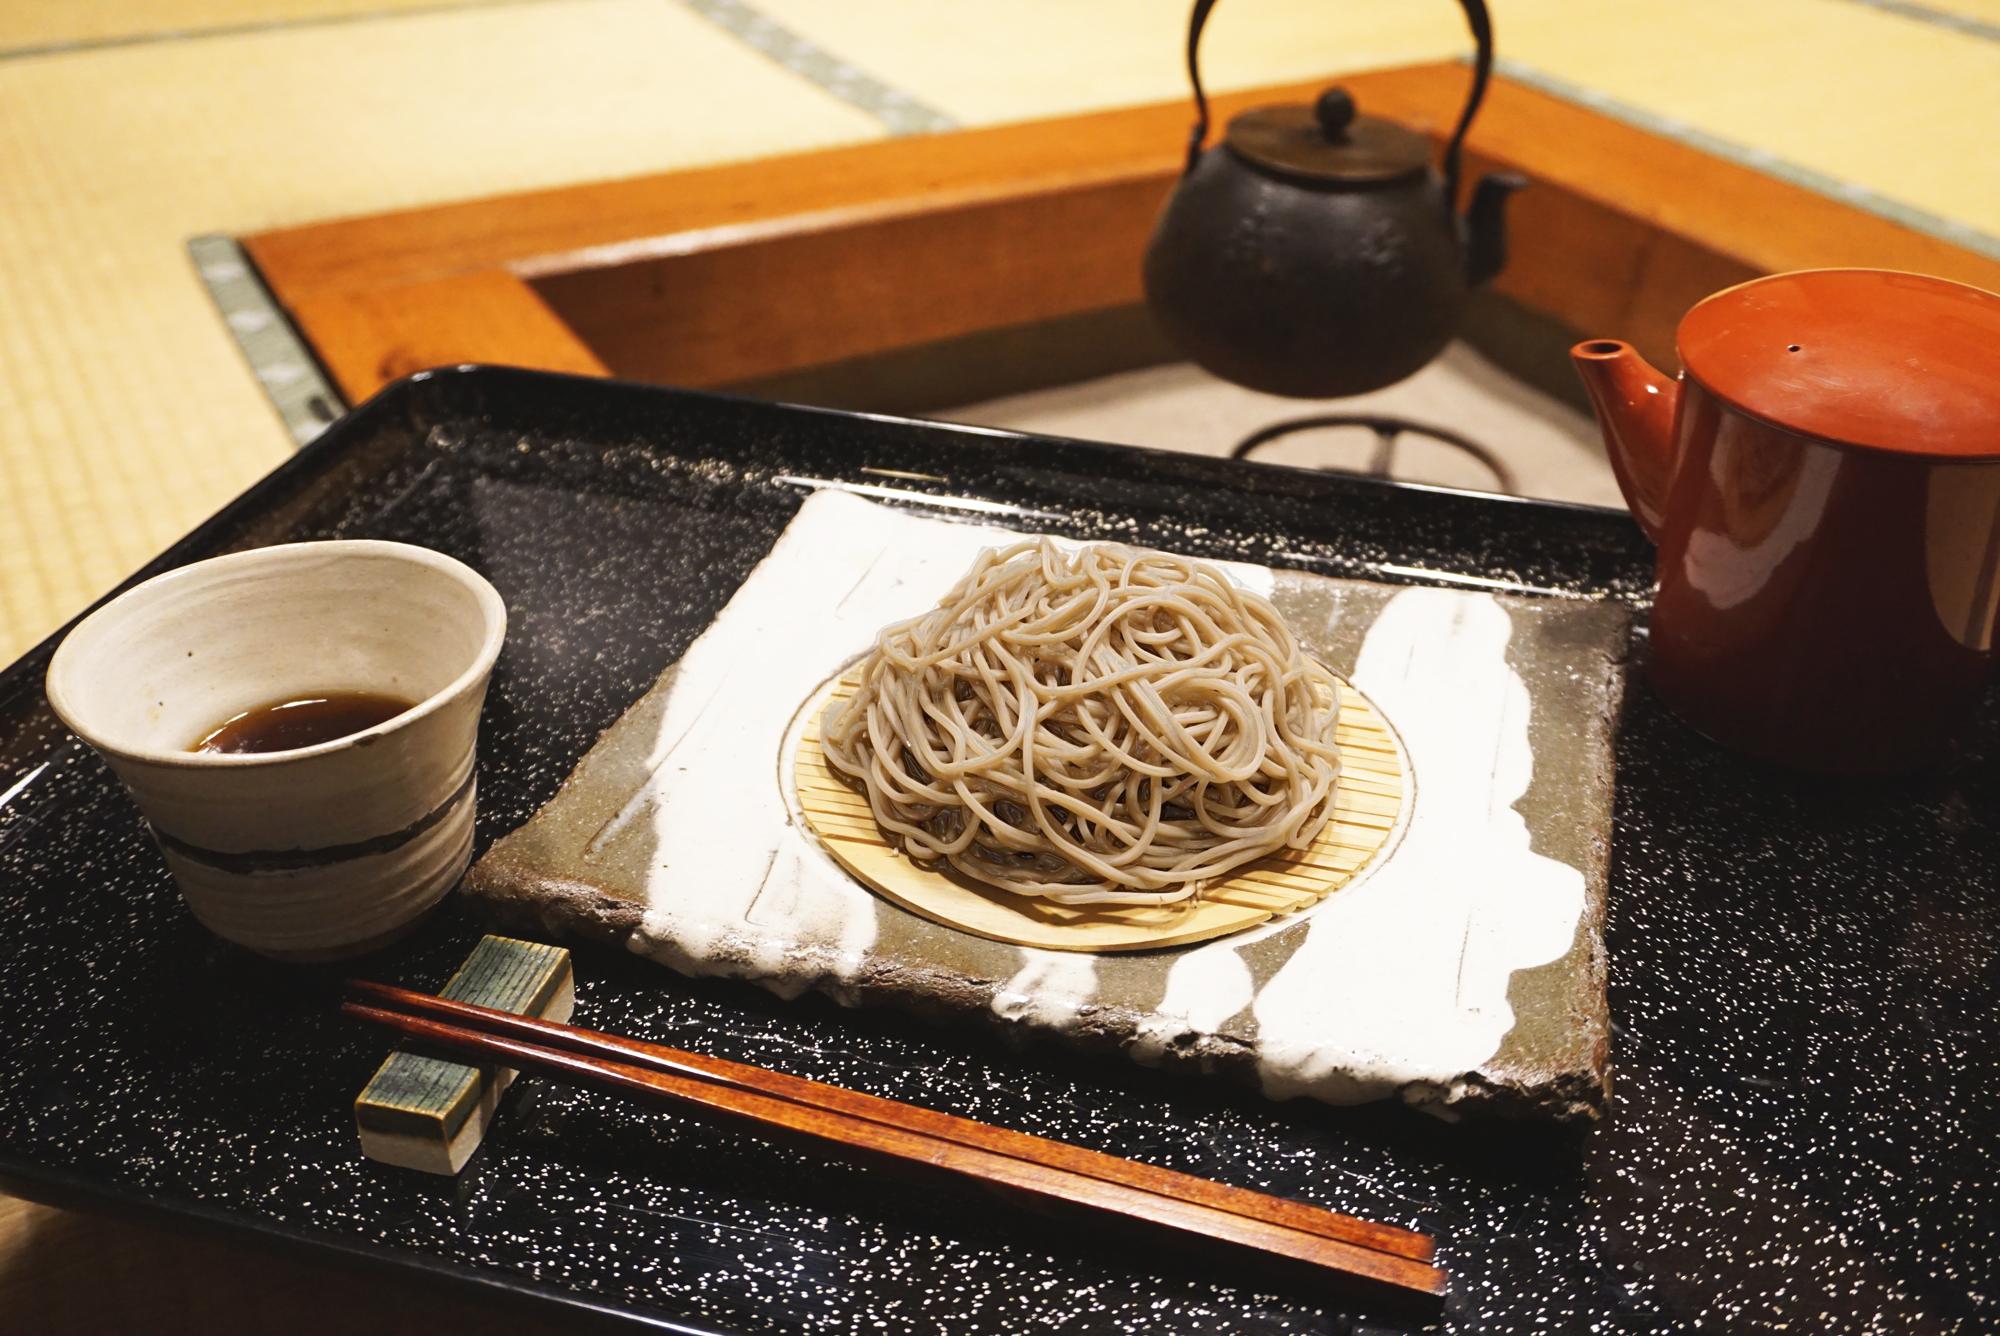 【ふるさと納税】日本そば そば 蕎麦 乾麺 200g×23袋 飛騨 奥飛騨朴念そば[F0001]